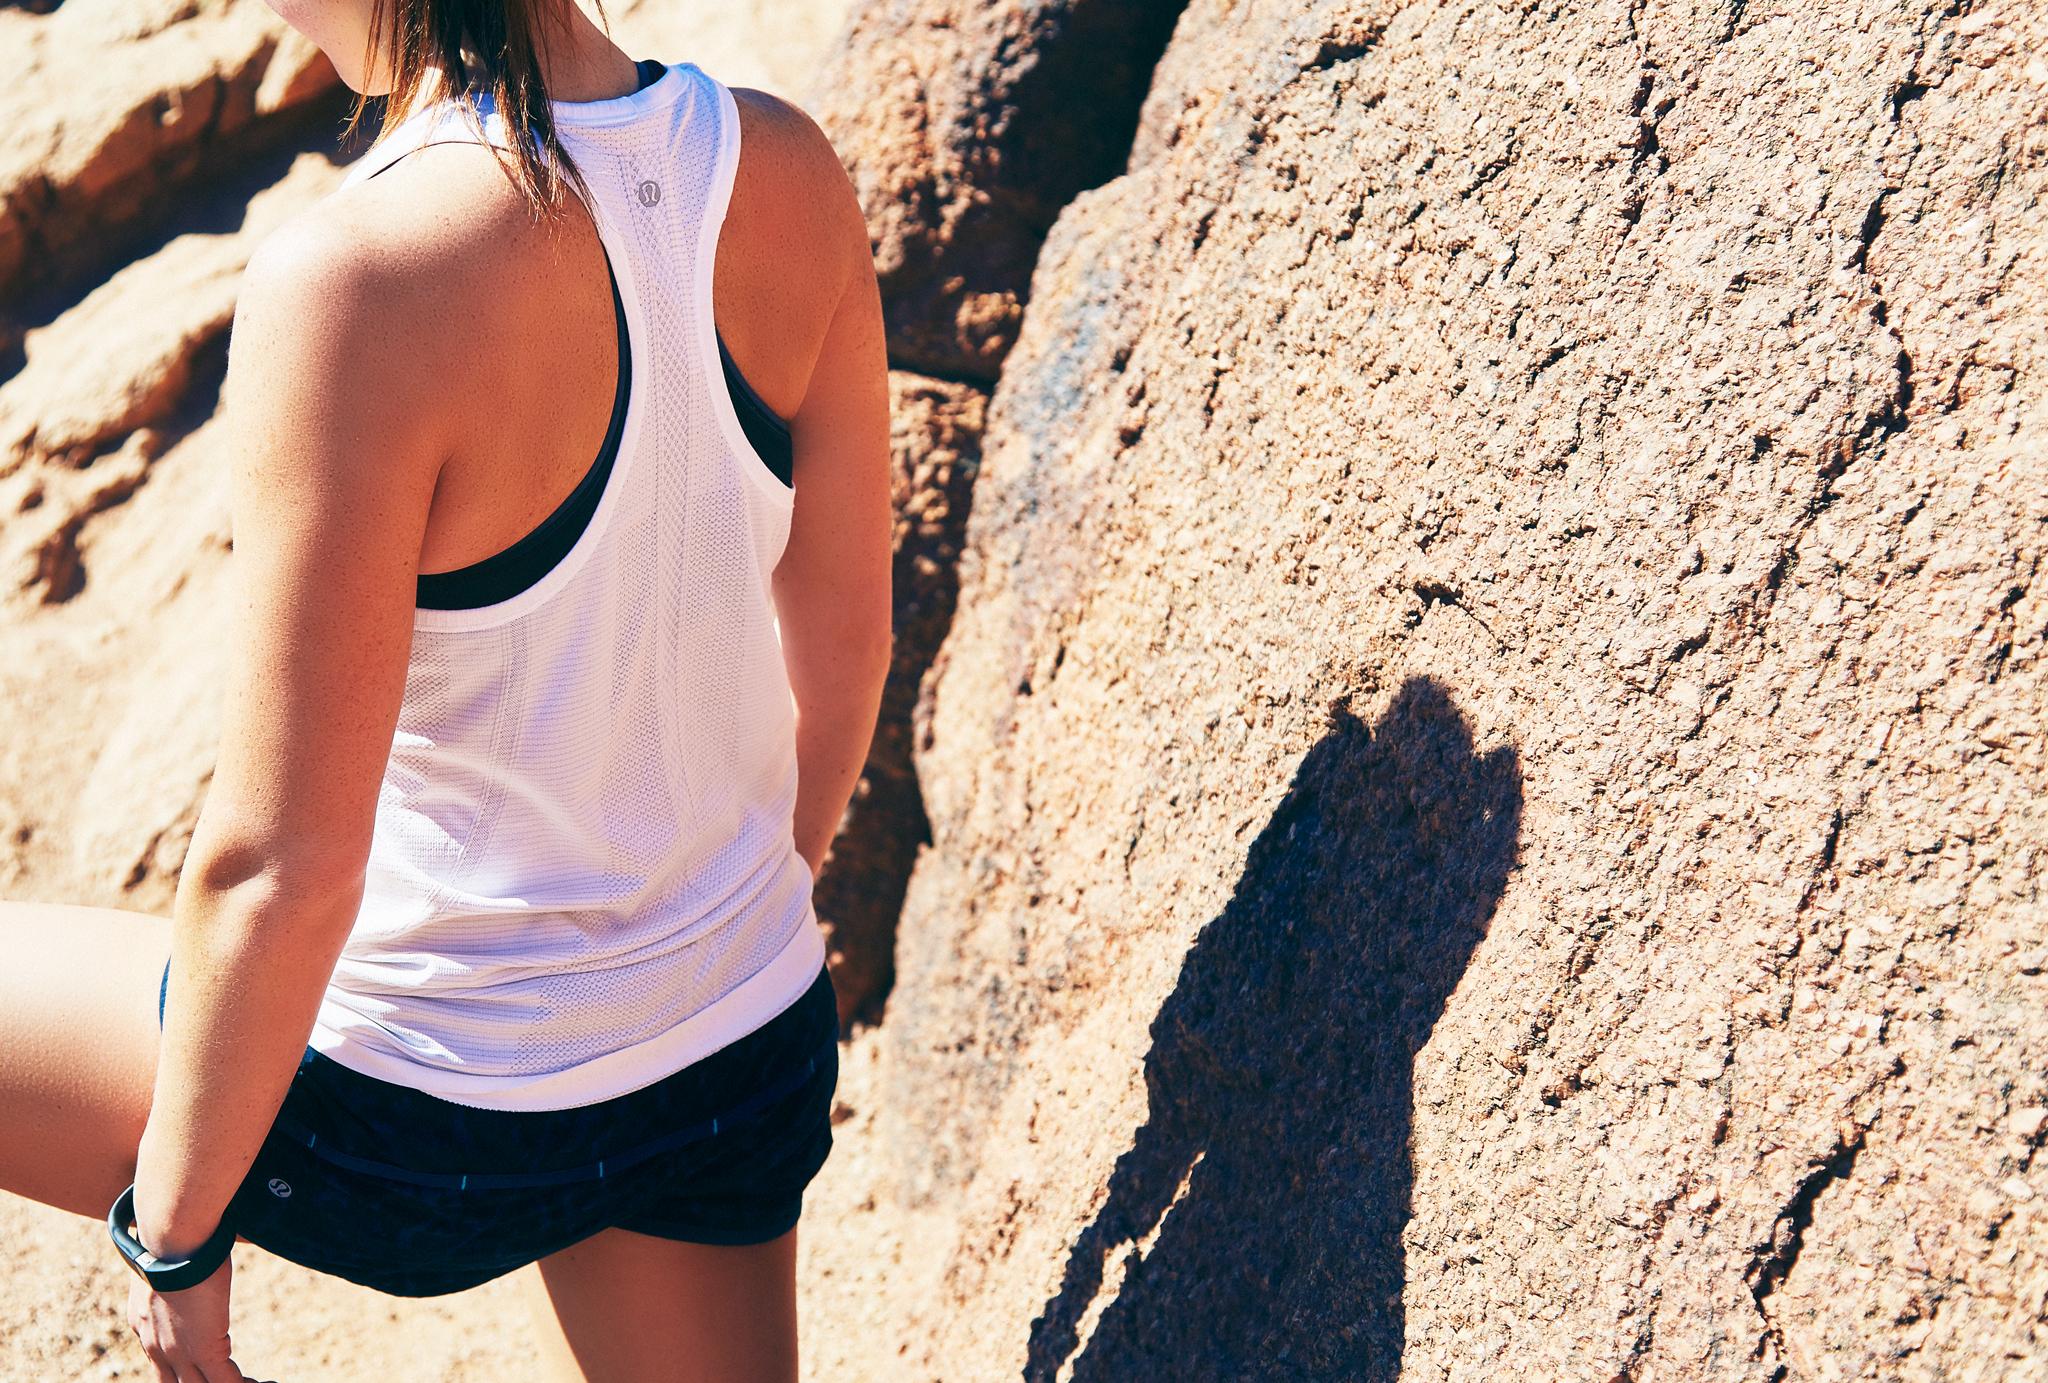 Phoenix Commercial Photographer LuluLemon Athlete